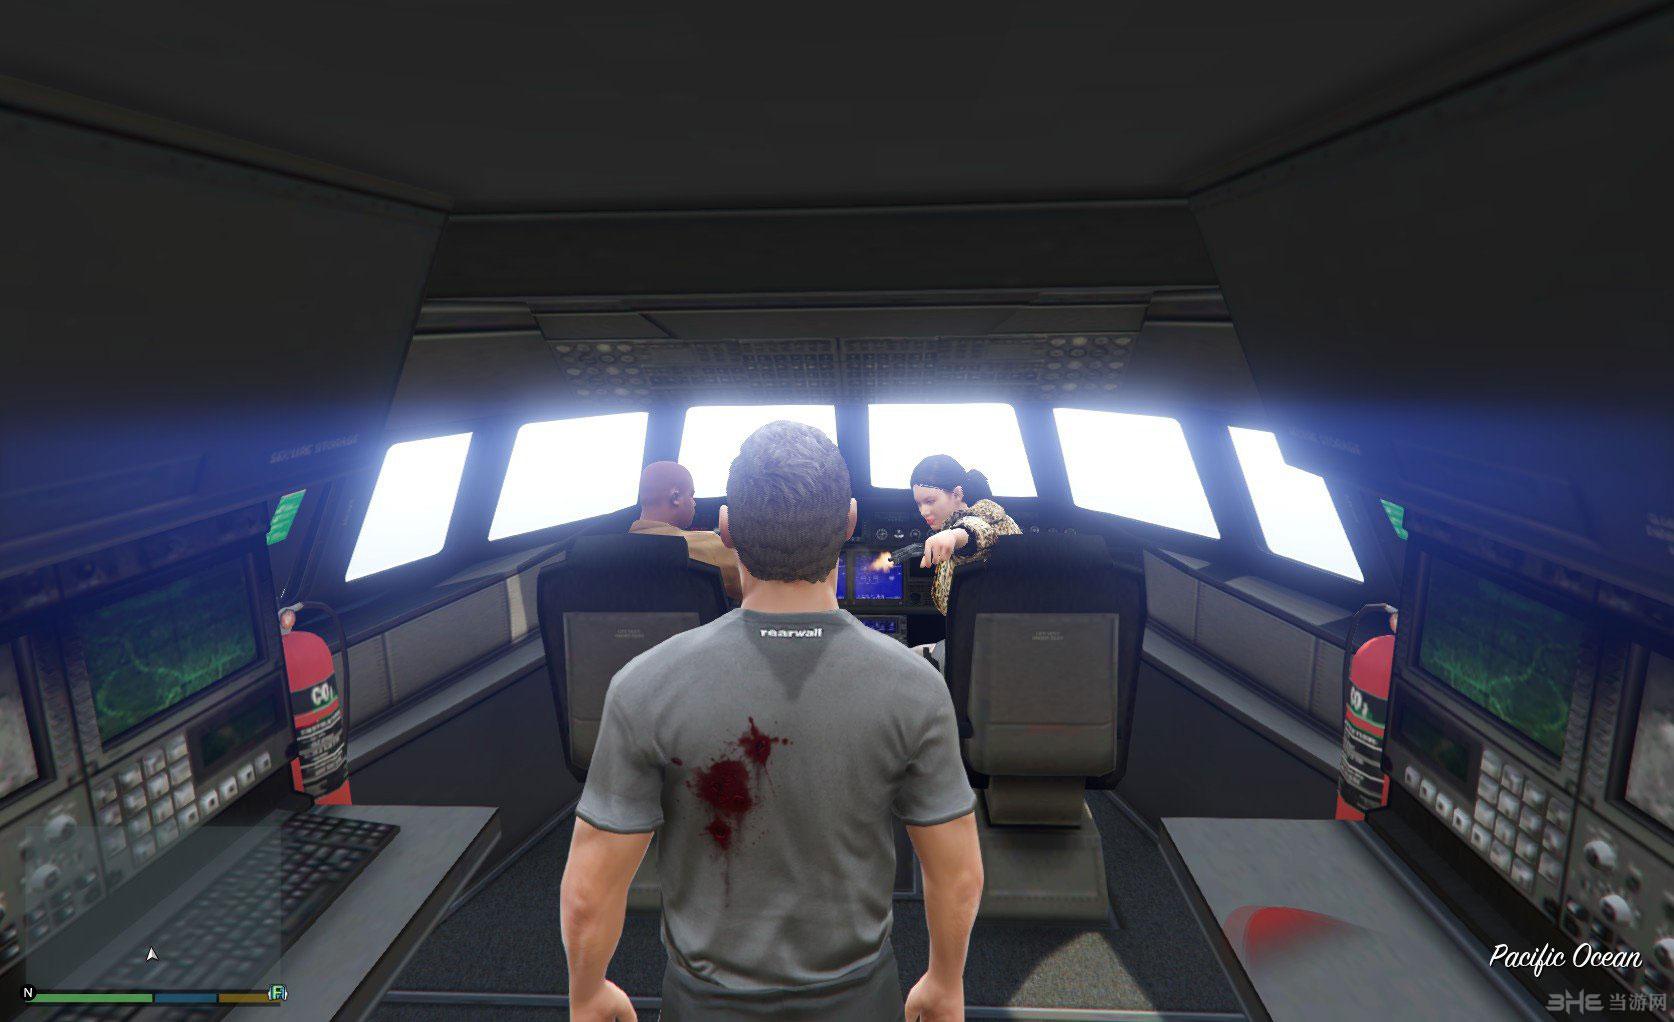 侠盗猎车手5自动驾驶仪:飞行的同时可以随意走动MOD截图0